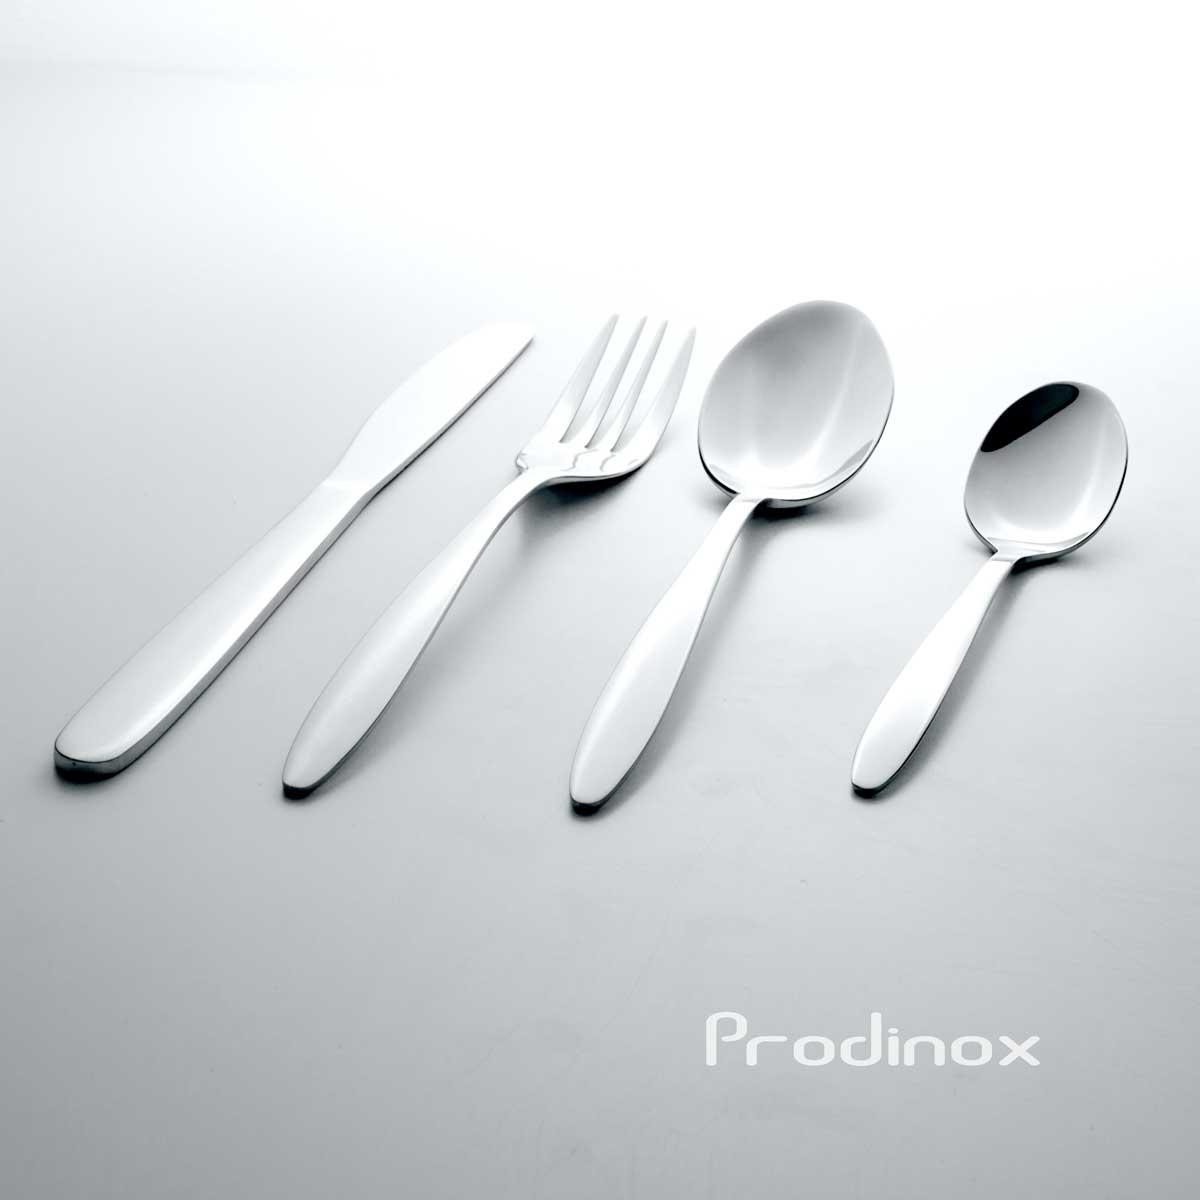 Slimline juego de cubiertos prodinox fabricaci n for Cuchara para consome